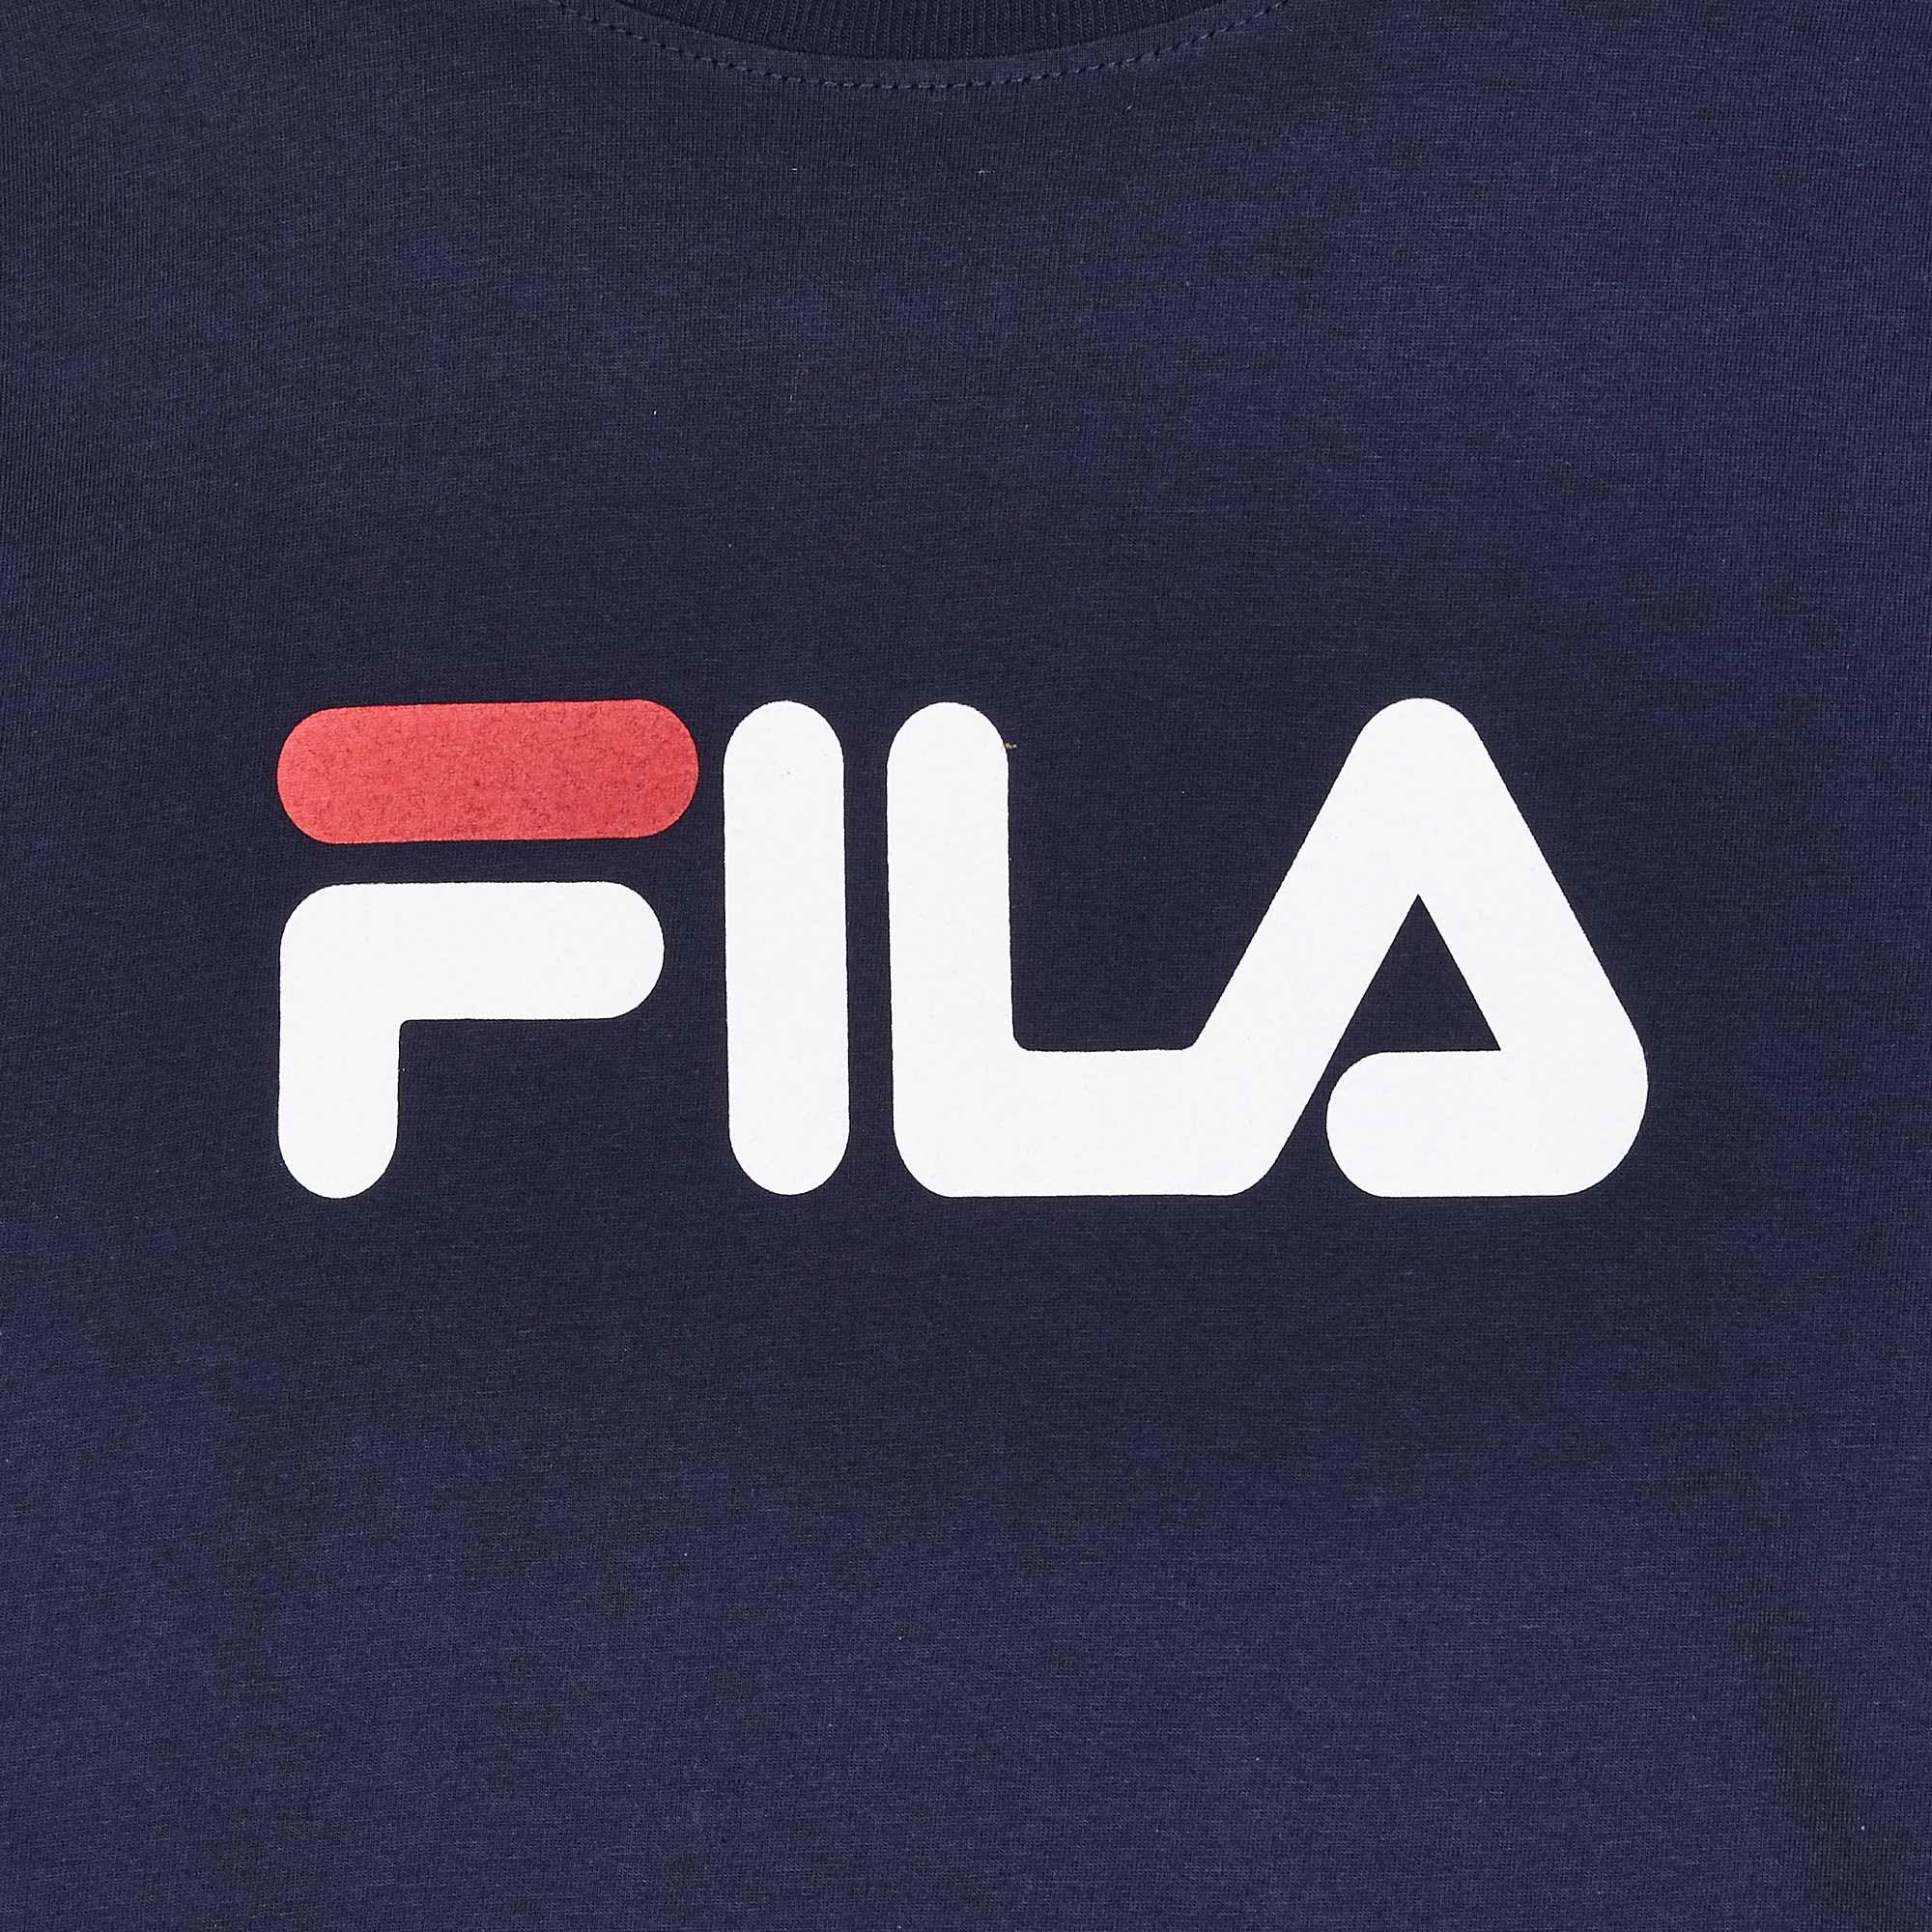 135b689c02 Fila Eagle Logo Tee - Lm1832au-410 - Sneakersnstuff | sneakers & streetwear  online since 1999